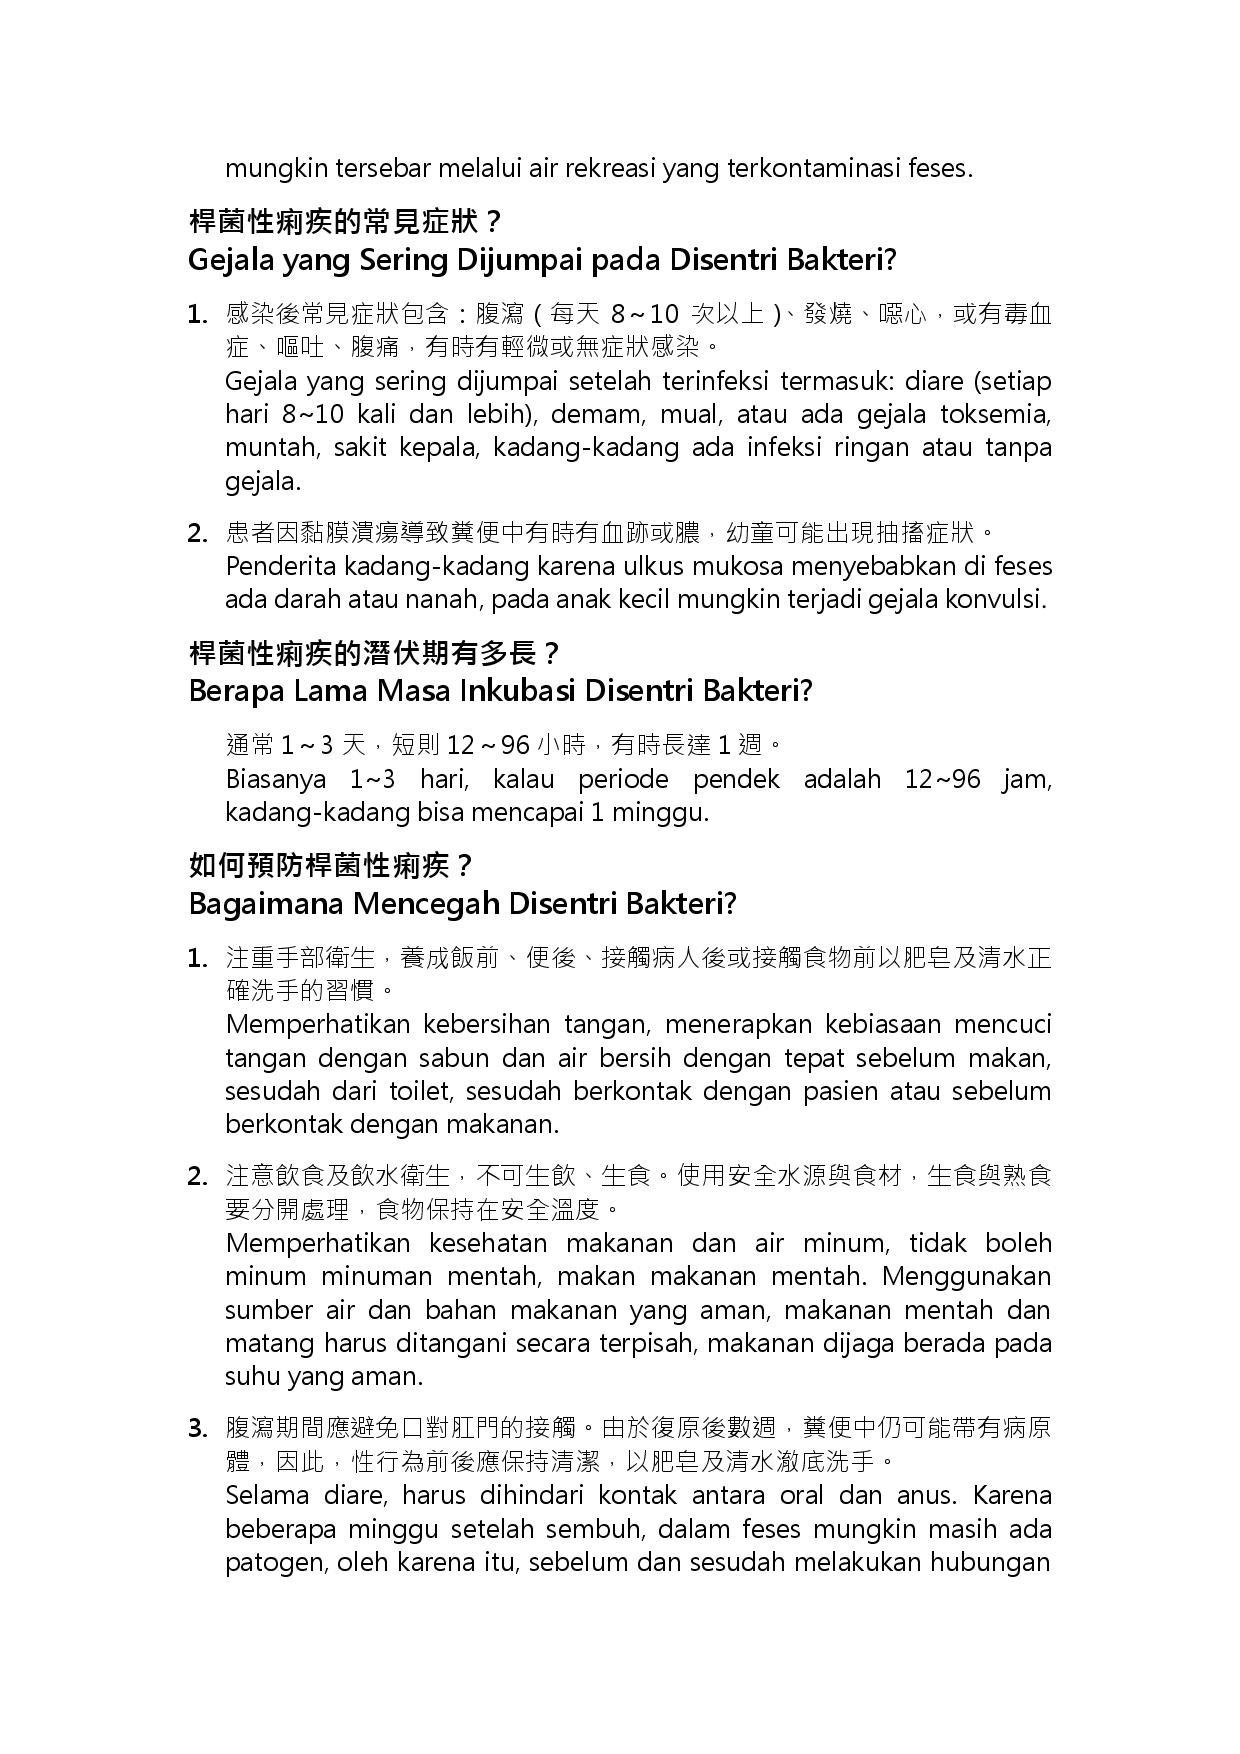 詳如附件【Klik】Mencegah Disentri Bakteri(Halaman 2)預防桿菌性痢疾(印尼文)